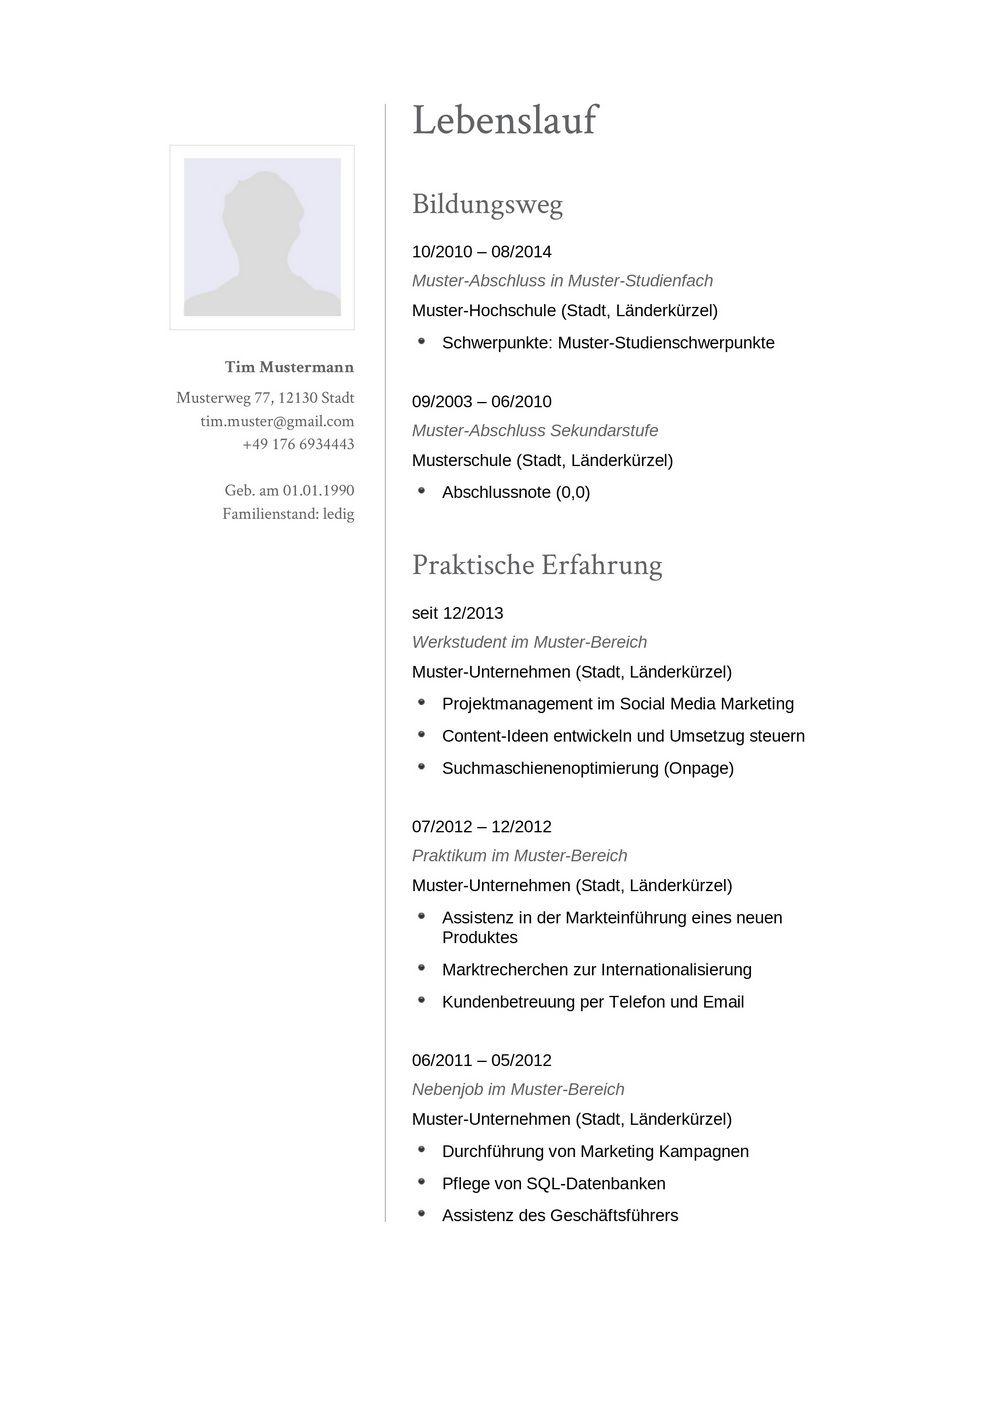 Lebenslauf Muster für Sekretär/-in | Lebenslauf Designs